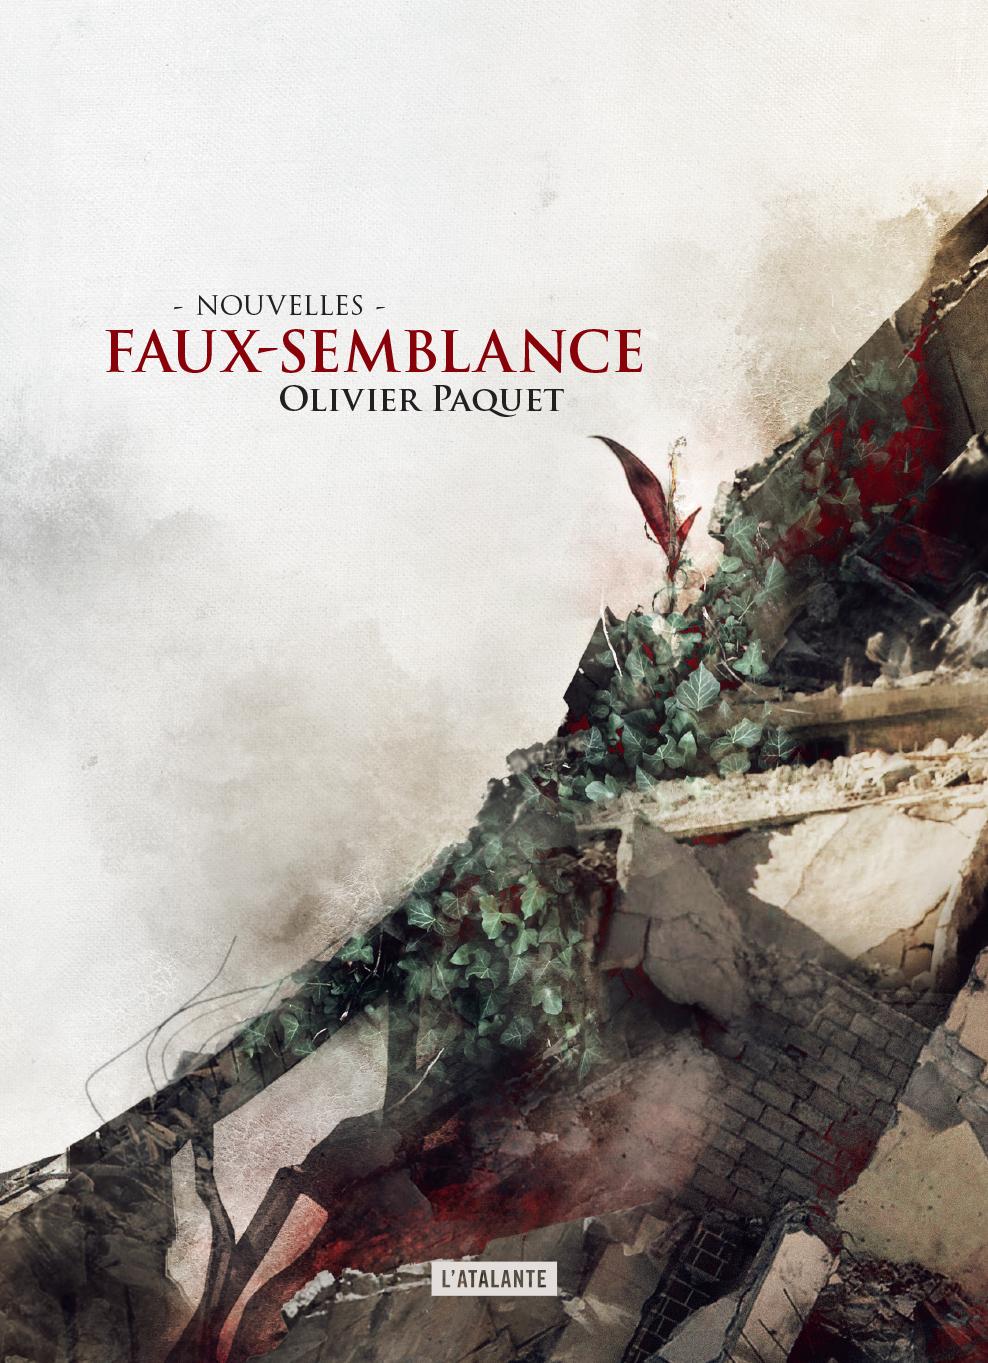 FAUX-SEMBLANCE